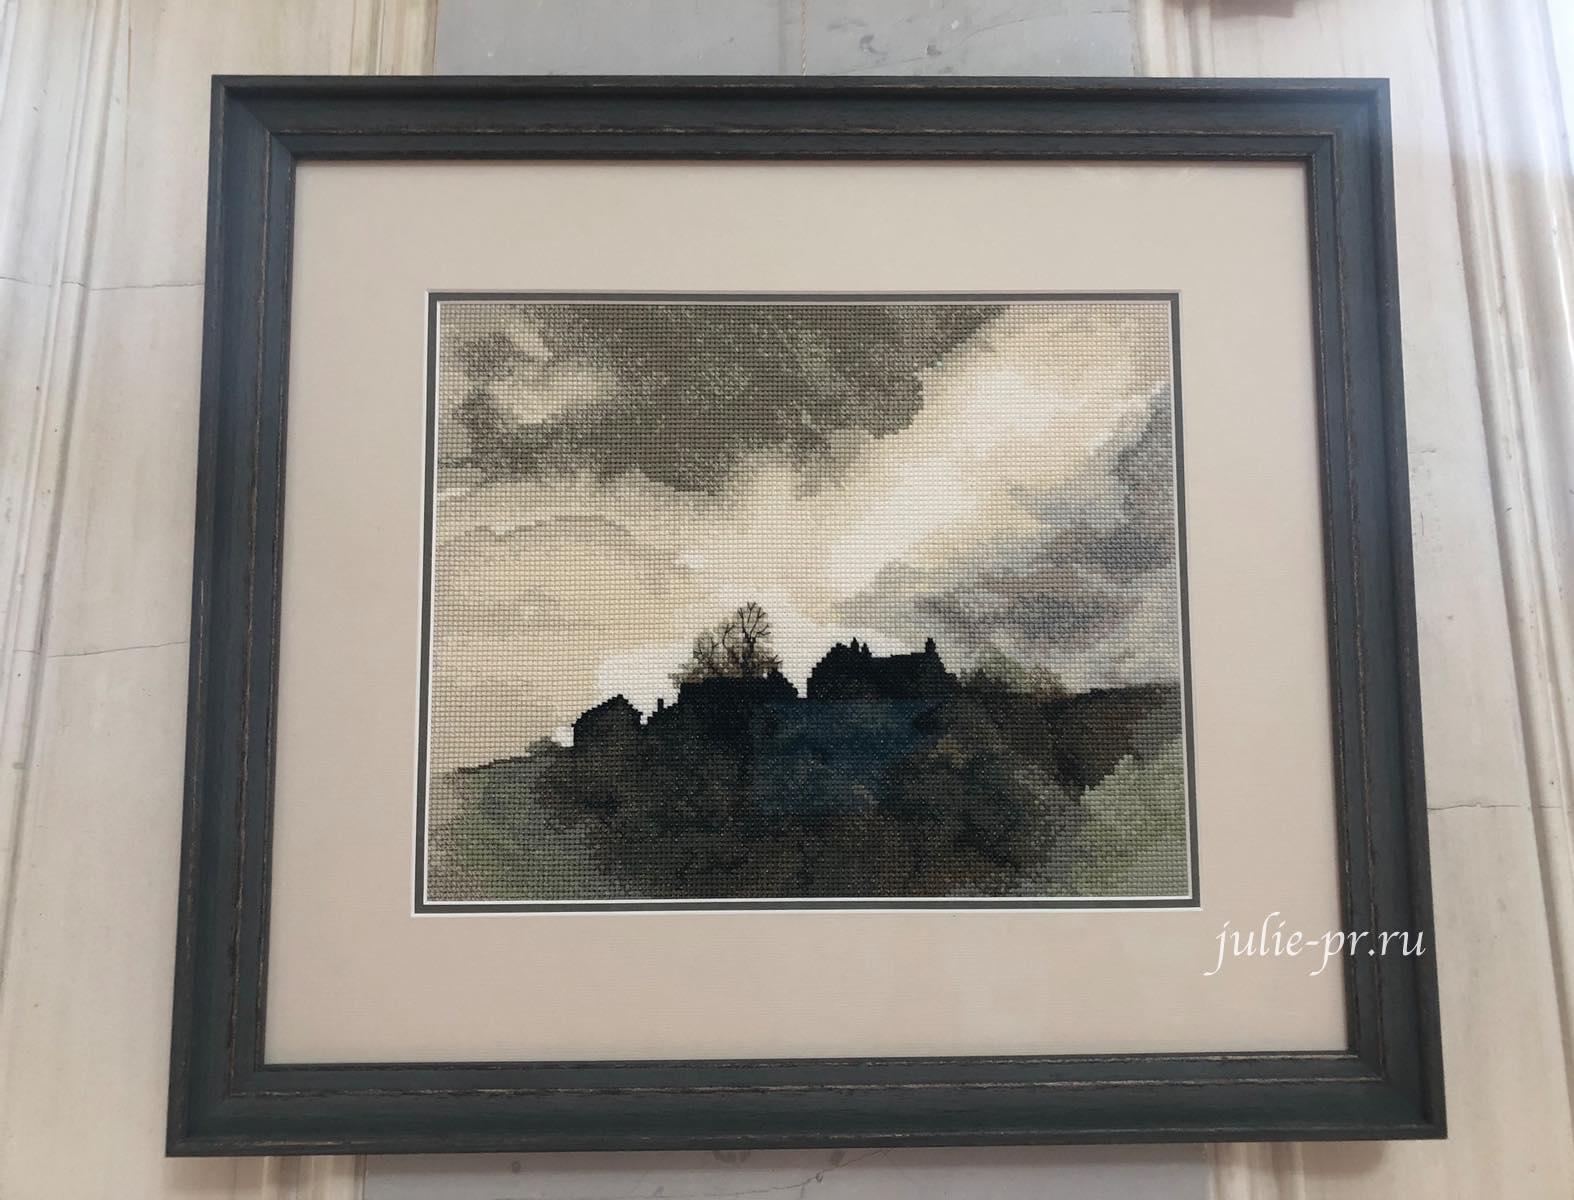 Northwood Farm, вышивка крестом, Heritage, John Clayton, выставка Грани Джона Клейтона